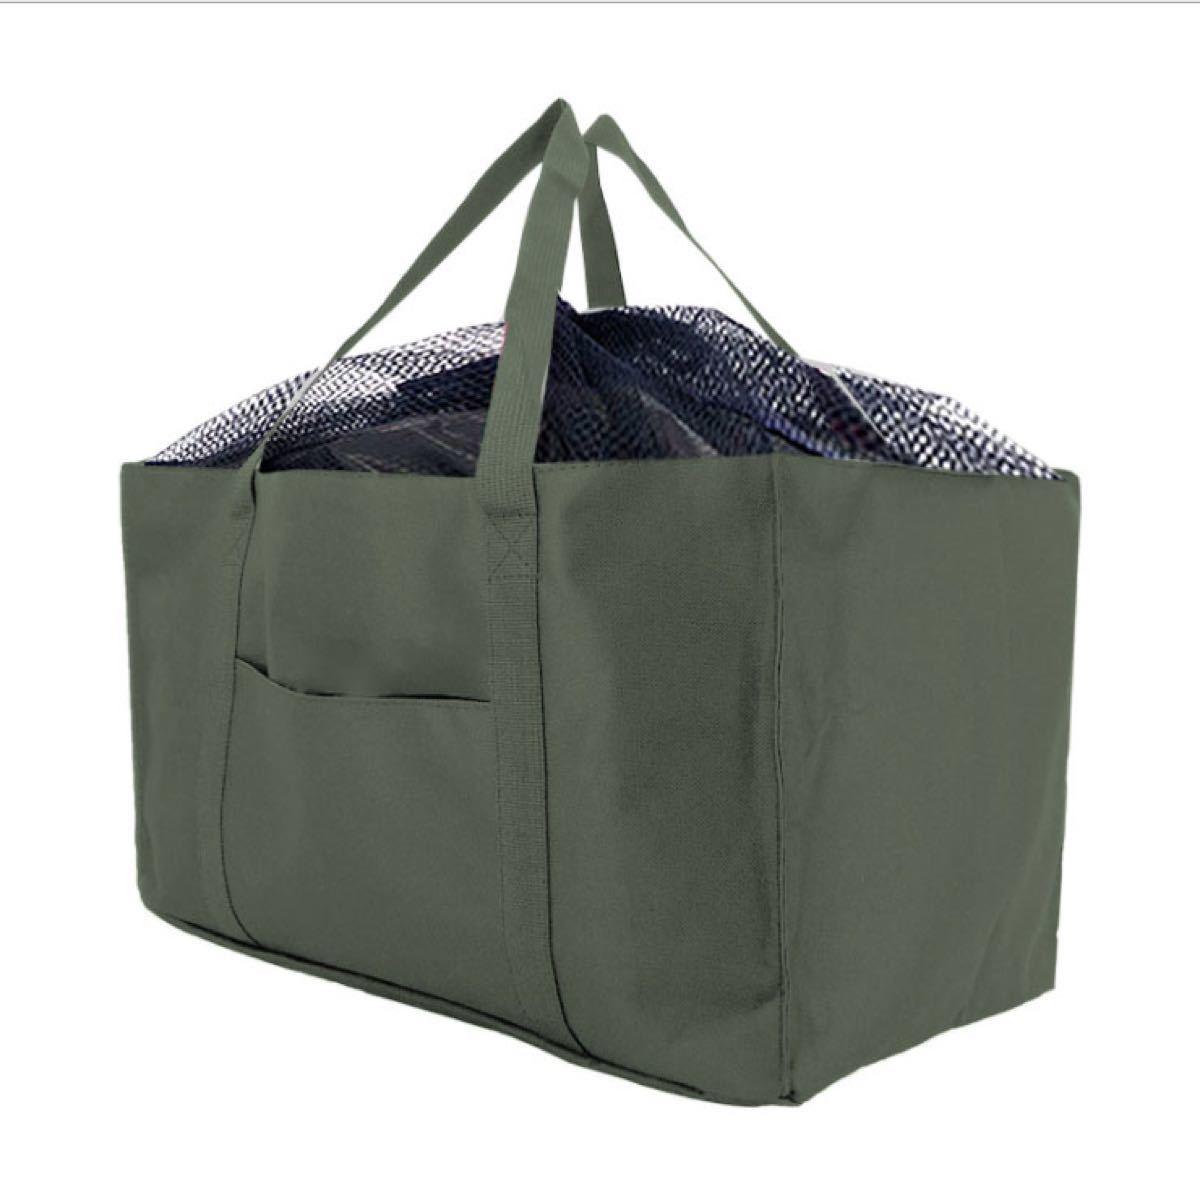 エコバッグ レジカゴバッグ 大容量 ショッピングバッグ